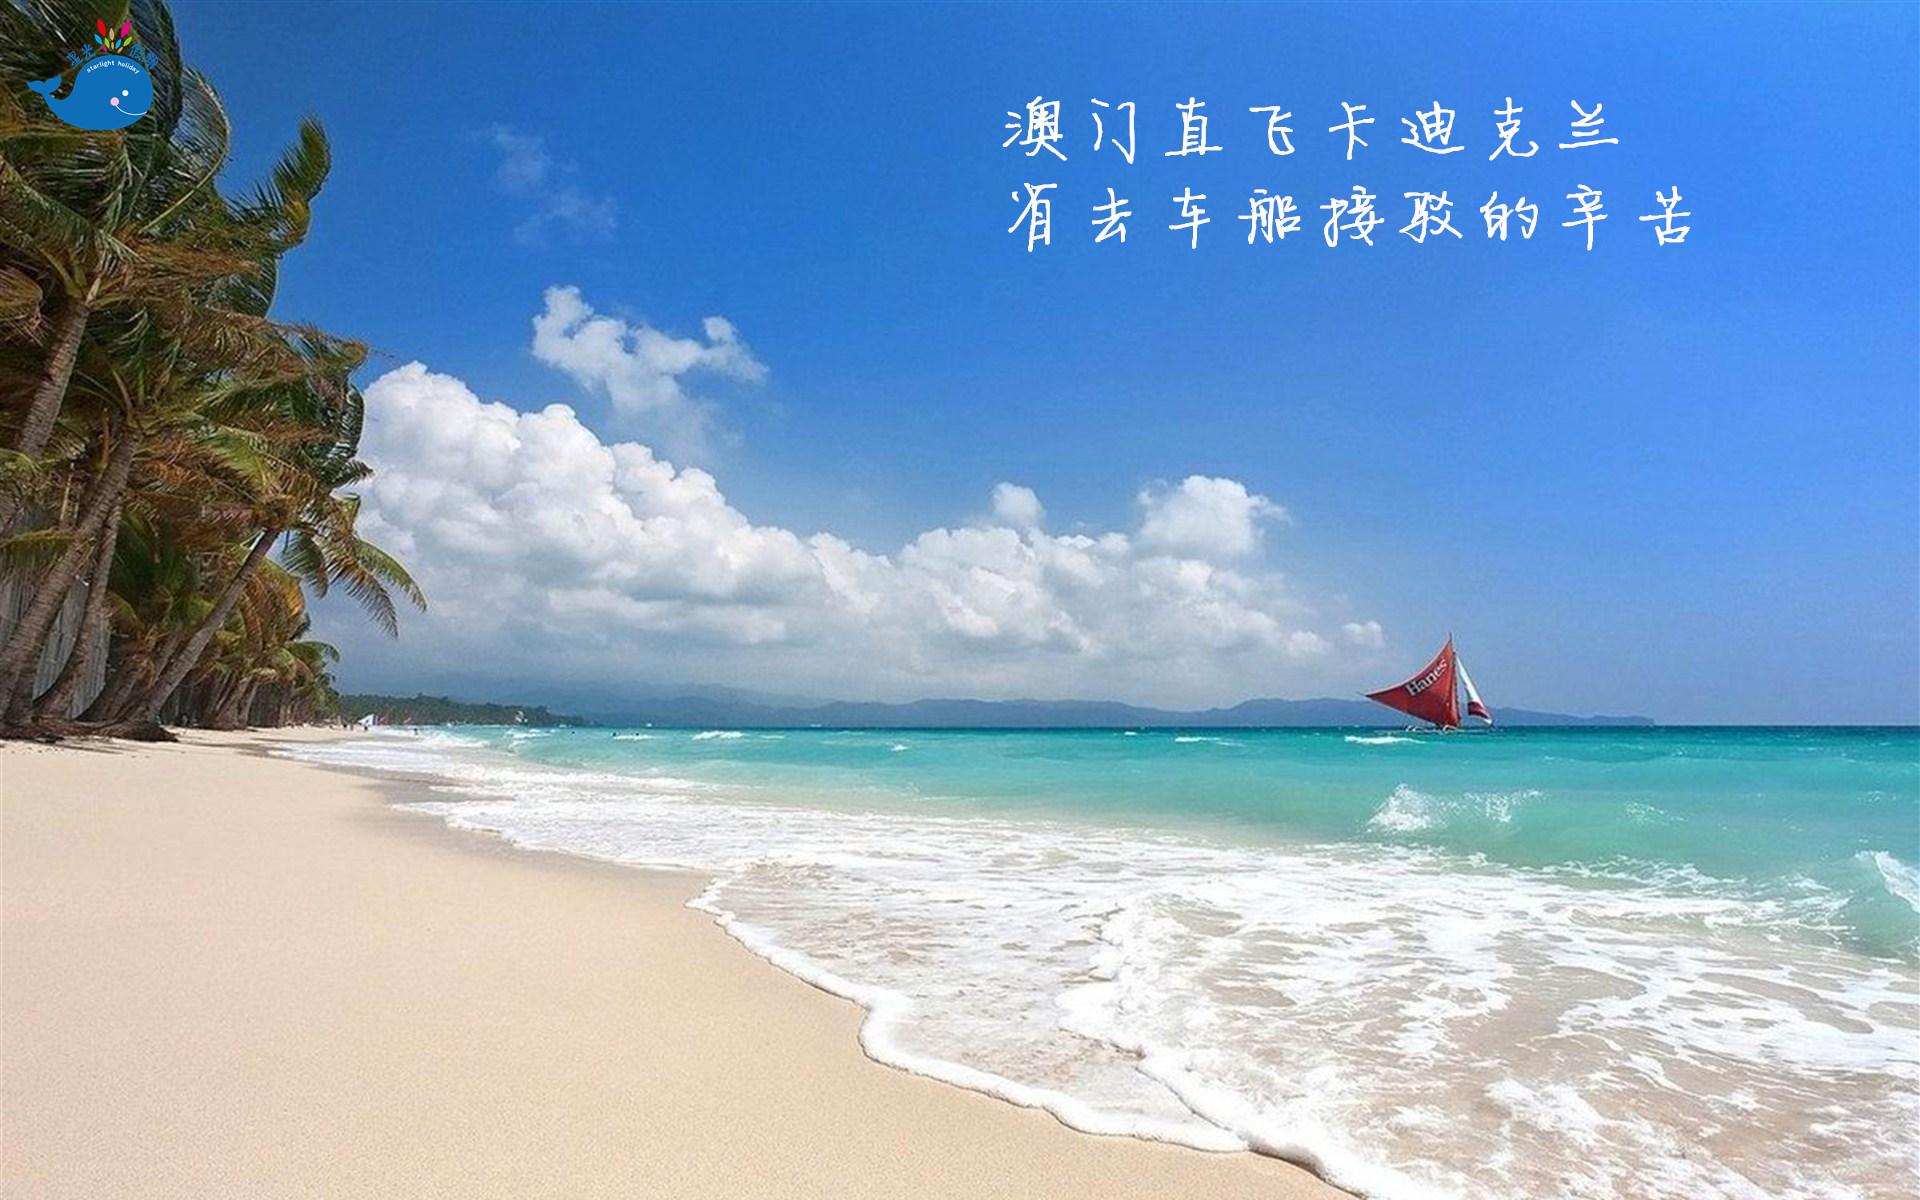 澳门直飞长滩岛5天4晚自由行(皇家航空 接送机 赠送沙滩巡游 日落风